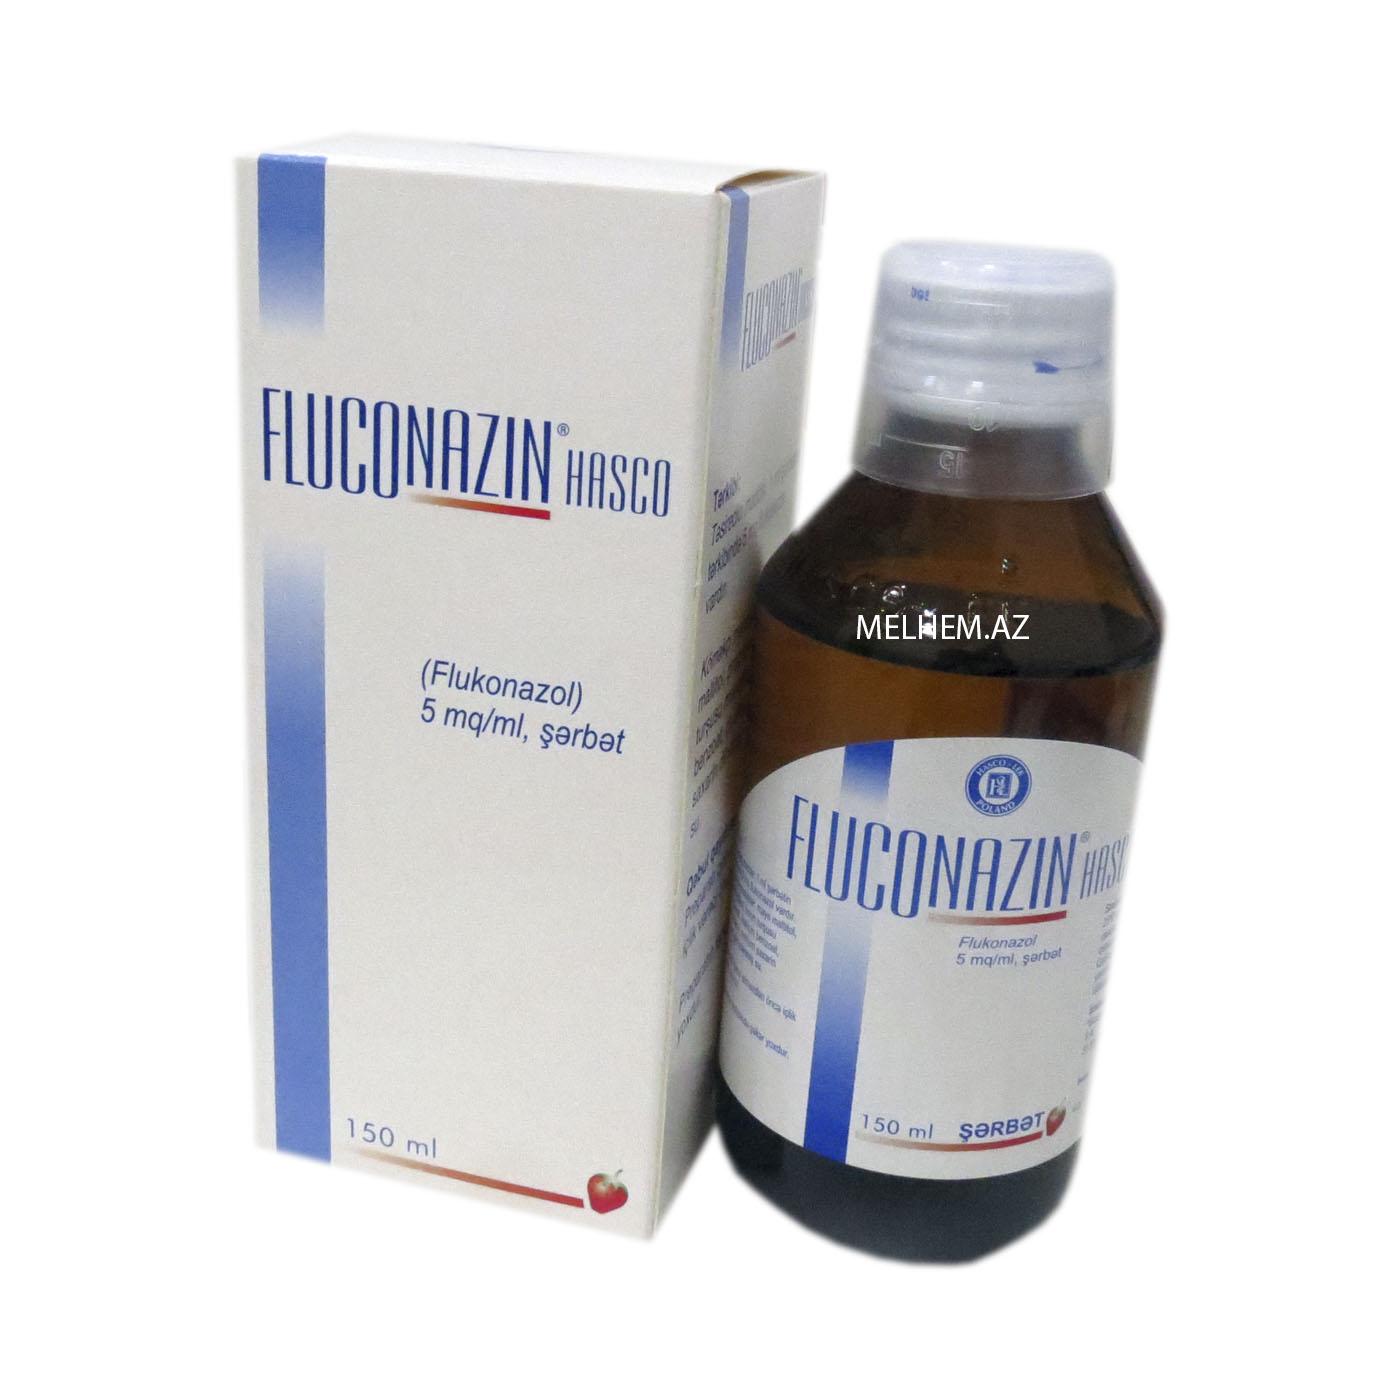 FLUCONAZIN HASCO